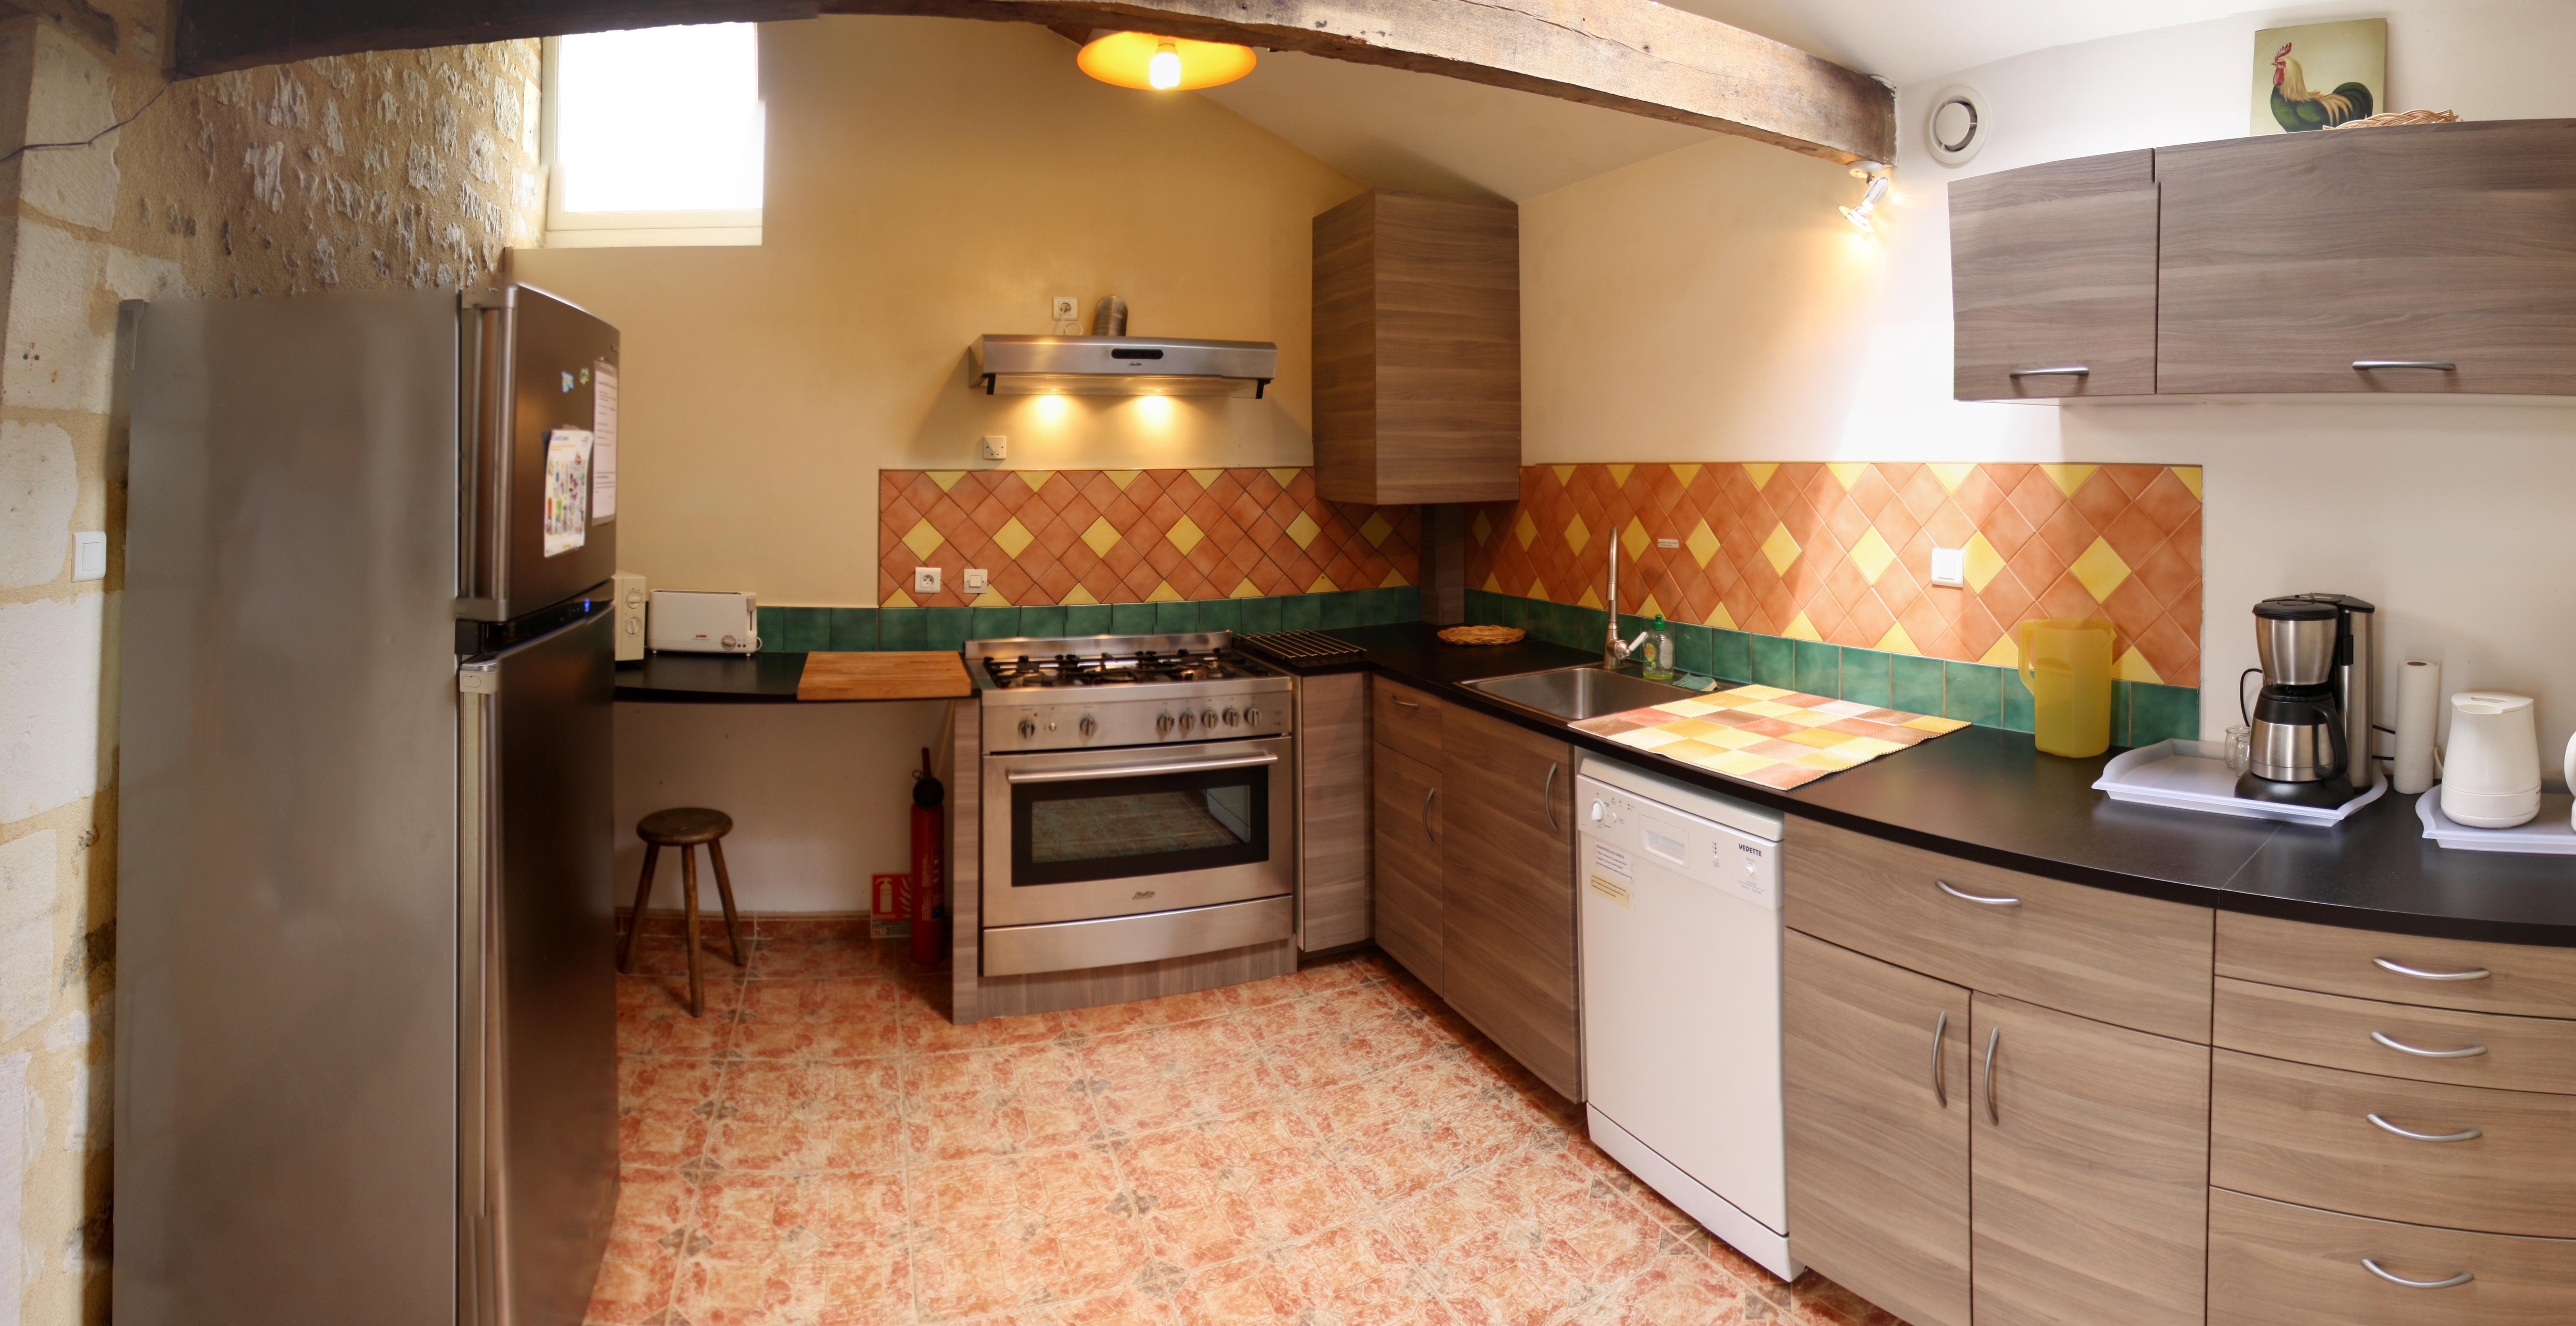 Une cuisine moderne et pratique